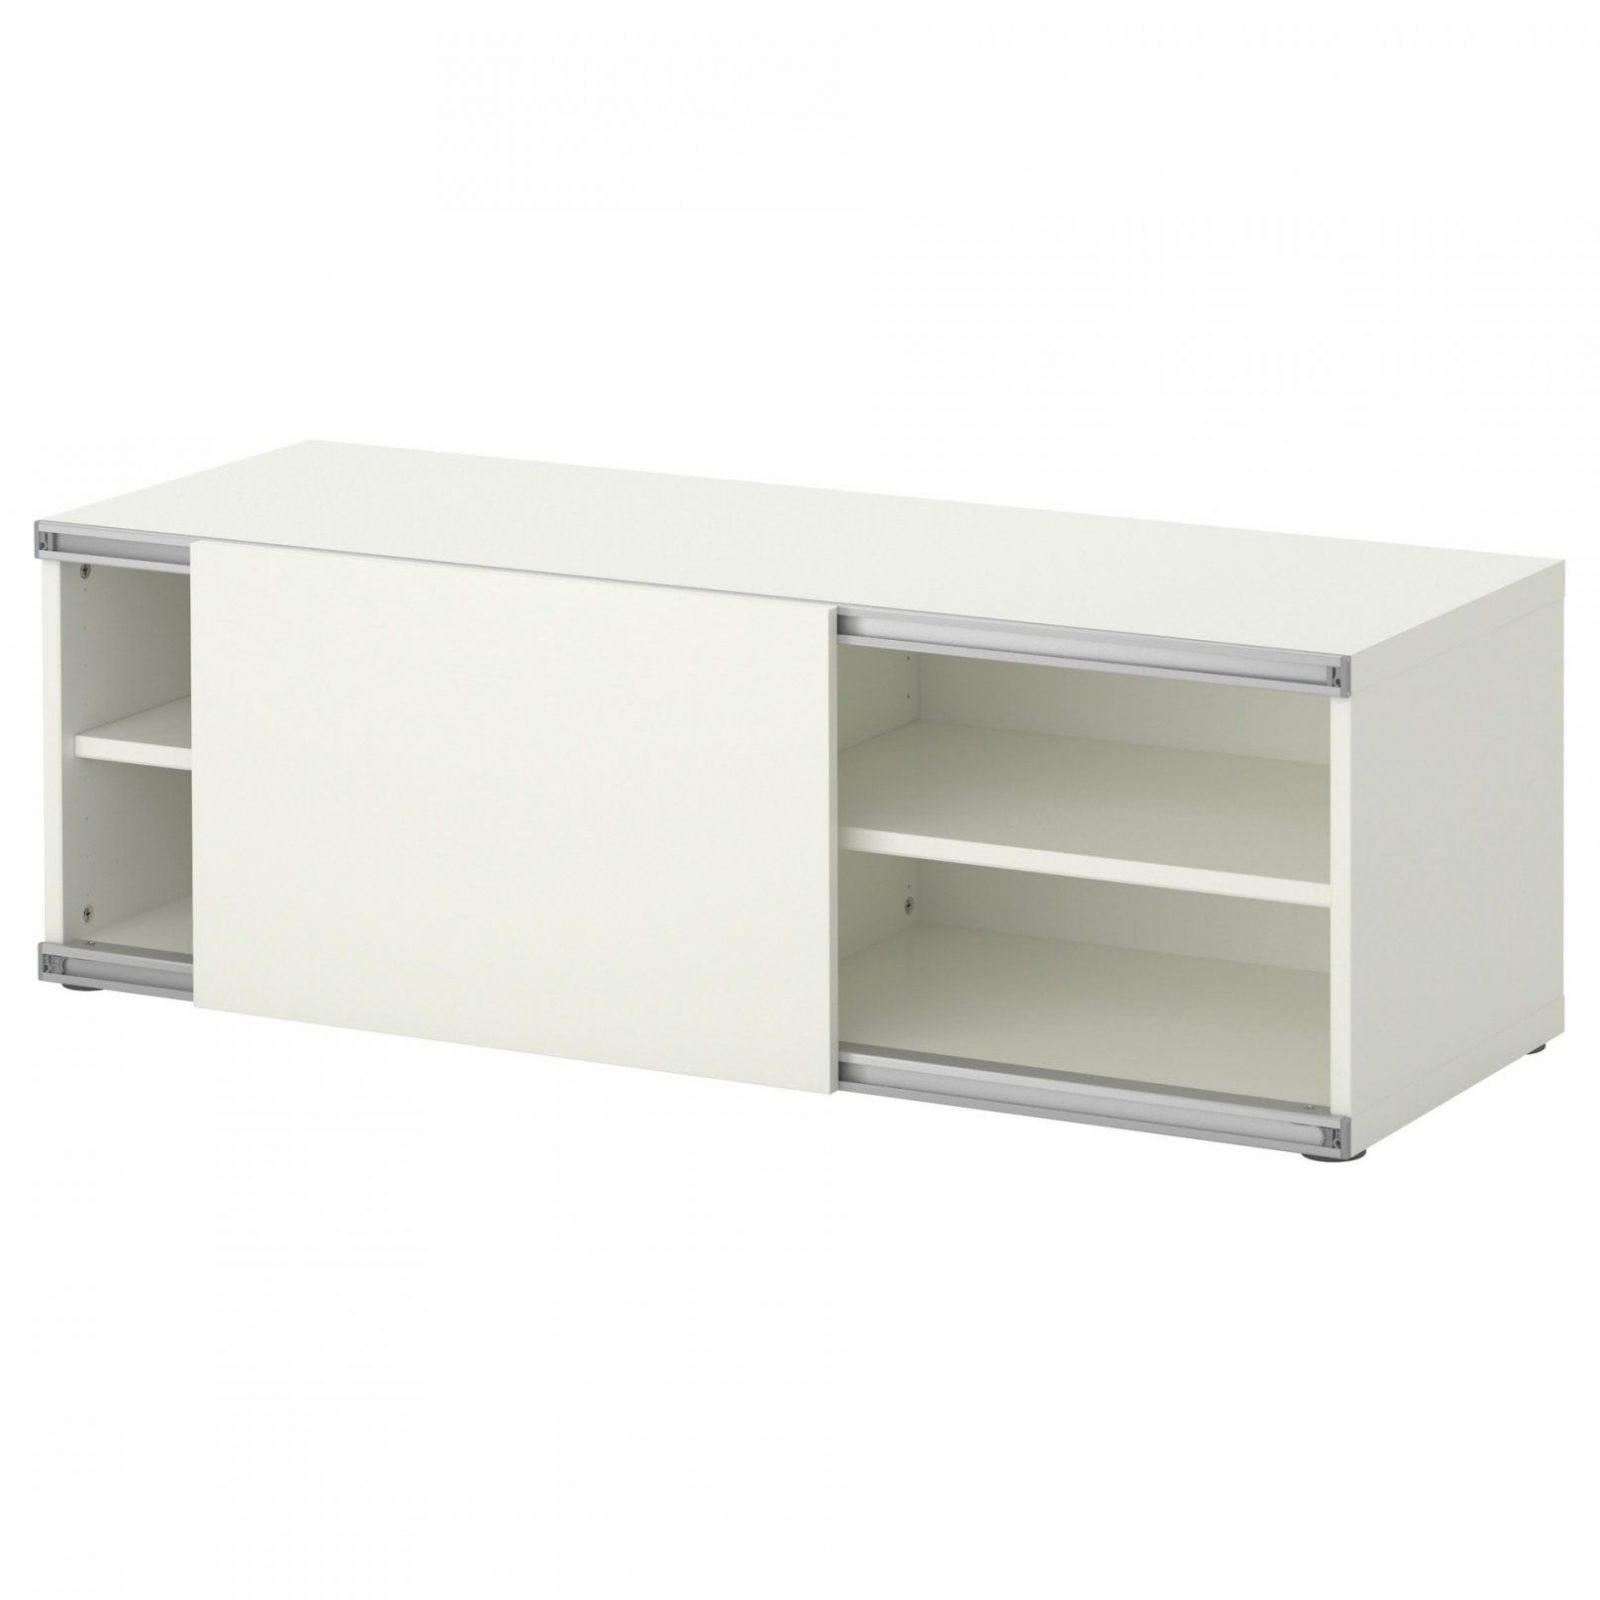 Herrlich Bestå Aufbewahrung Mit Schiebetür Ikea Ikea Für Kommode von Kommode Mit Schiebetüren Ikea Photo